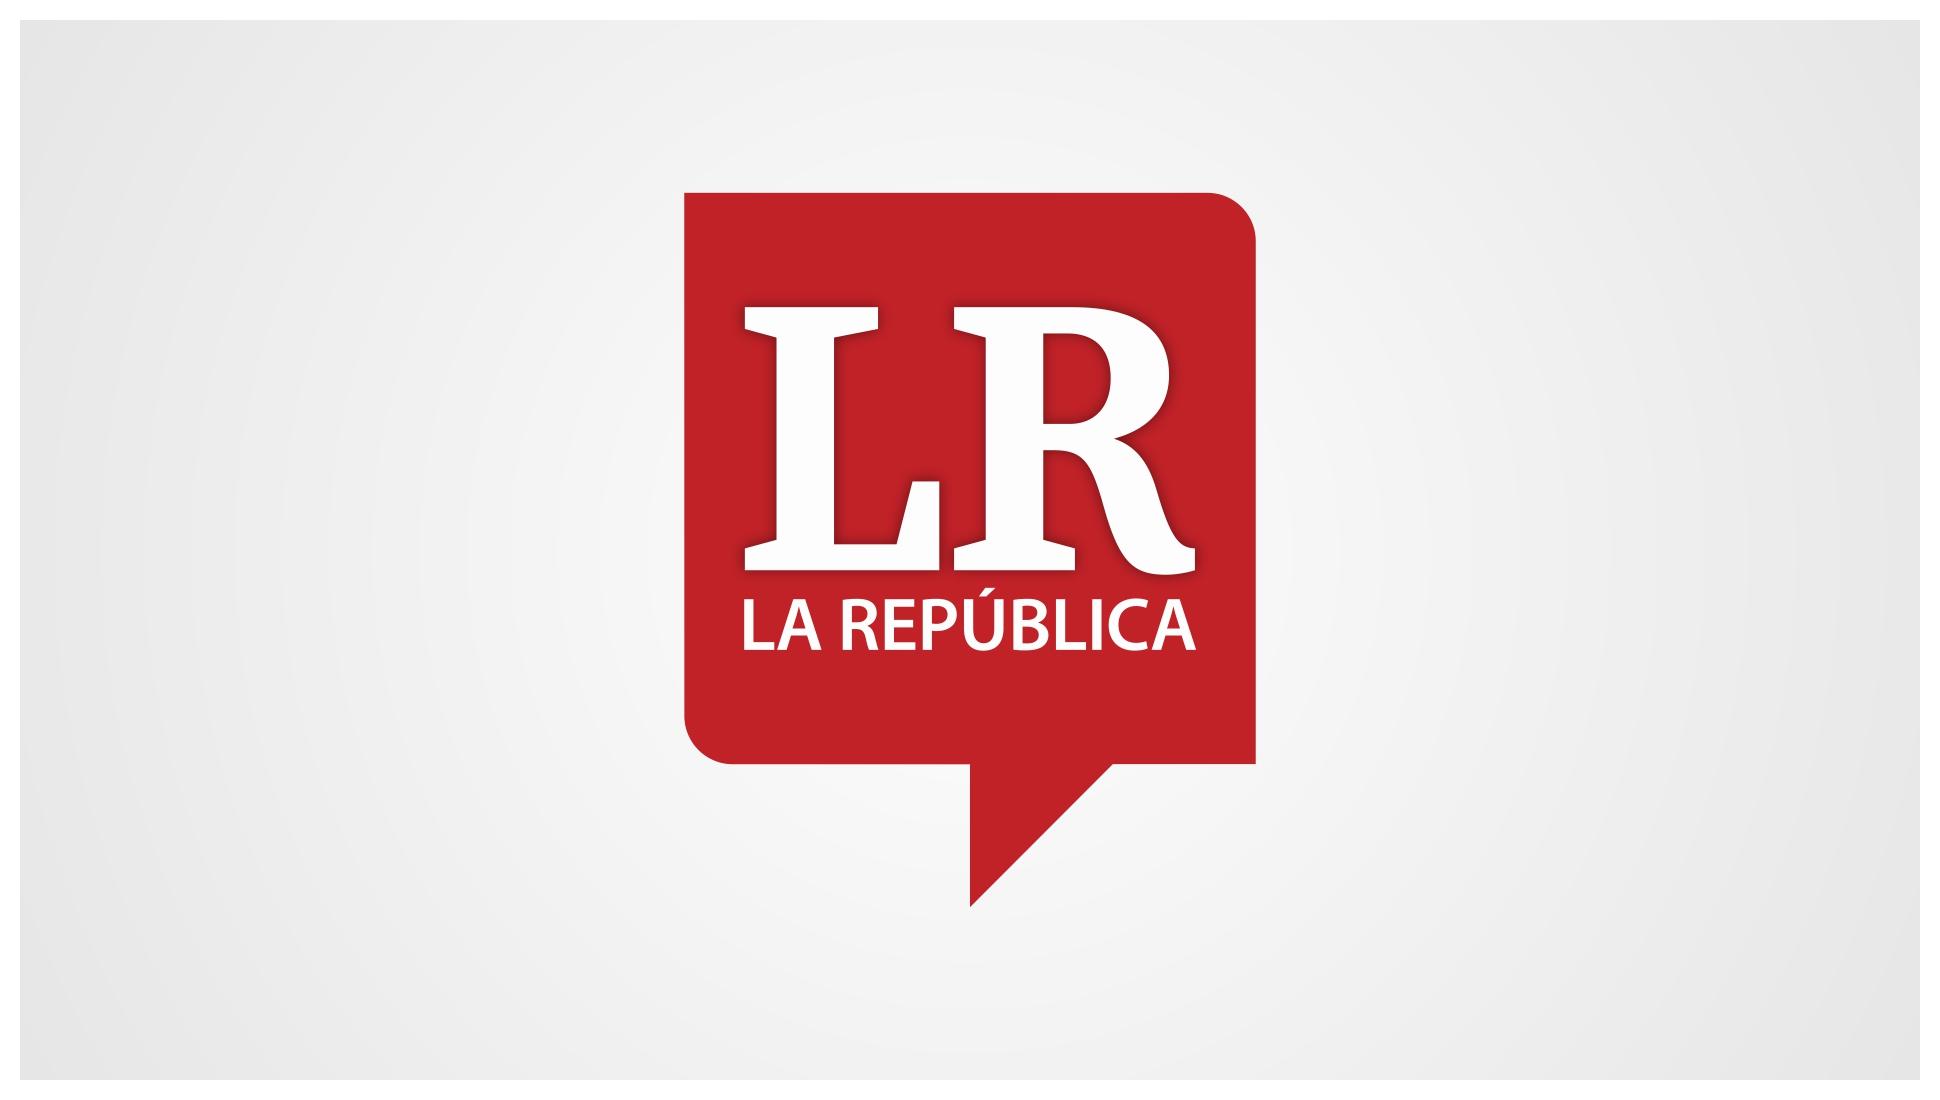 Crowe en Diario La República - 30 de abril de 2020 | Crowe Colombia